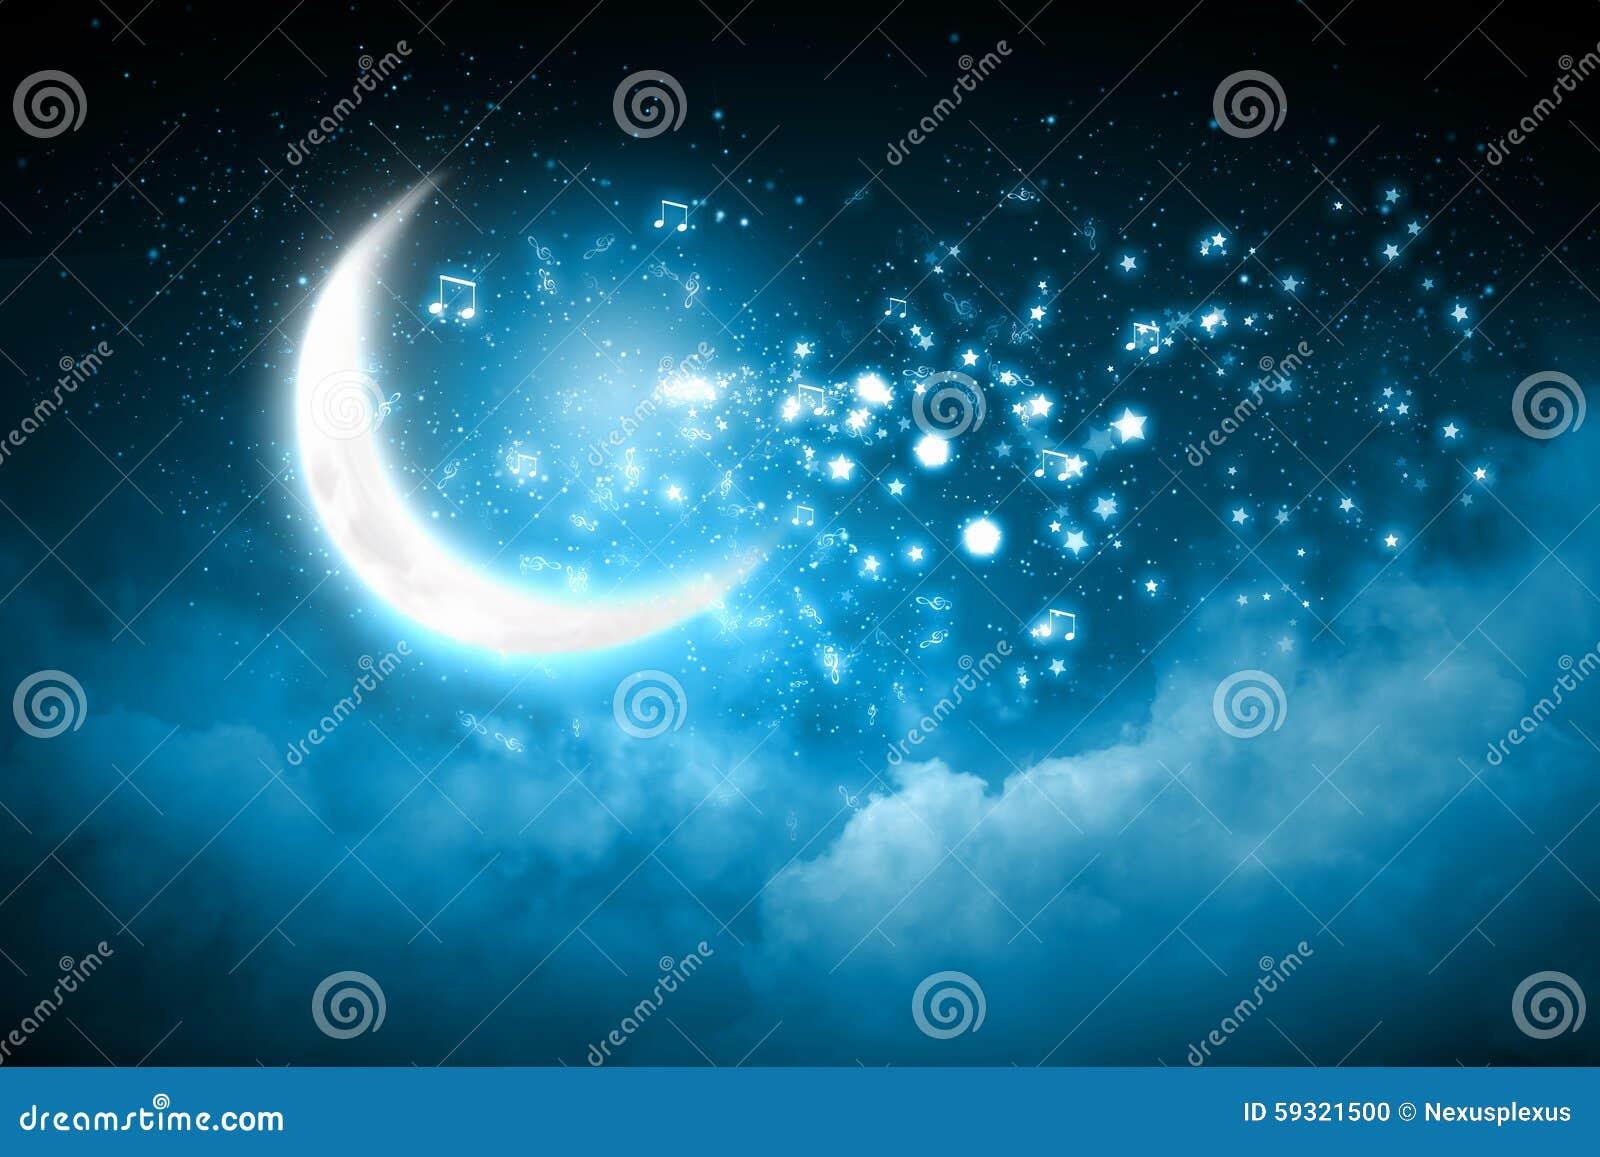 关于发光的背景的光亮的音符与月亮.